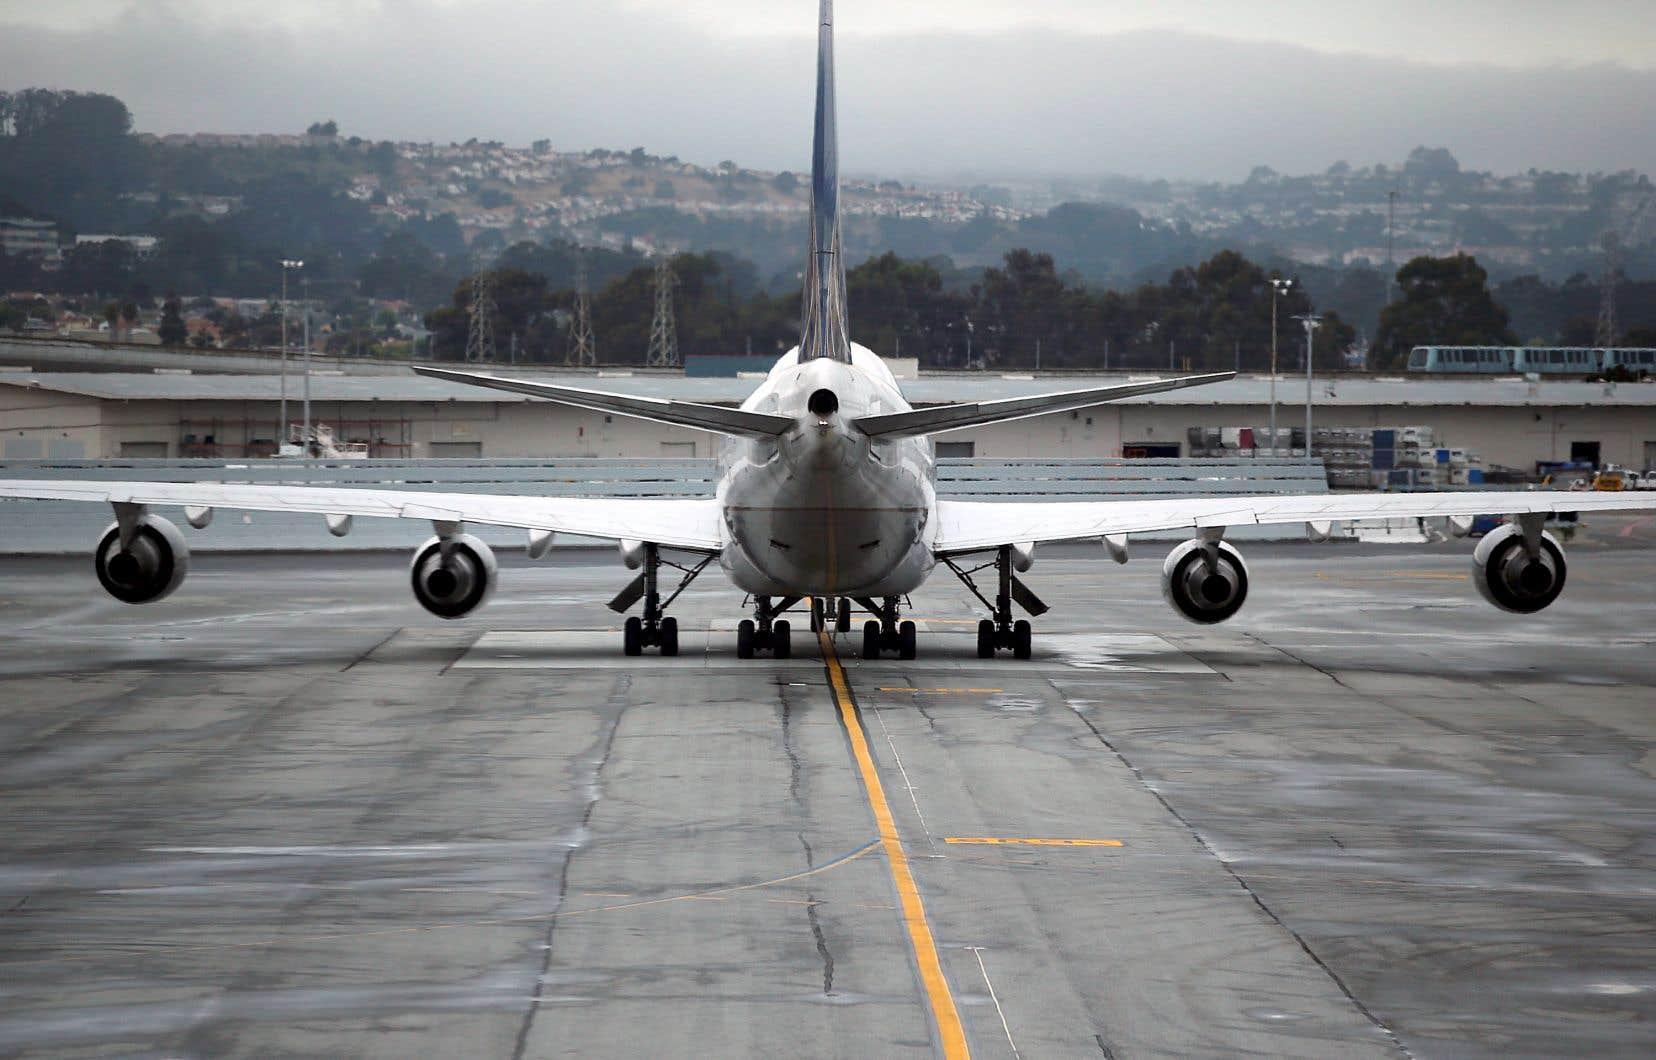 À l'heure actuelle, les compagnies aériennes n'incluent pas systématiquement dans le prix de leurs vols la compensation des émissions de gaz à effet de serre que le trajet engendre.